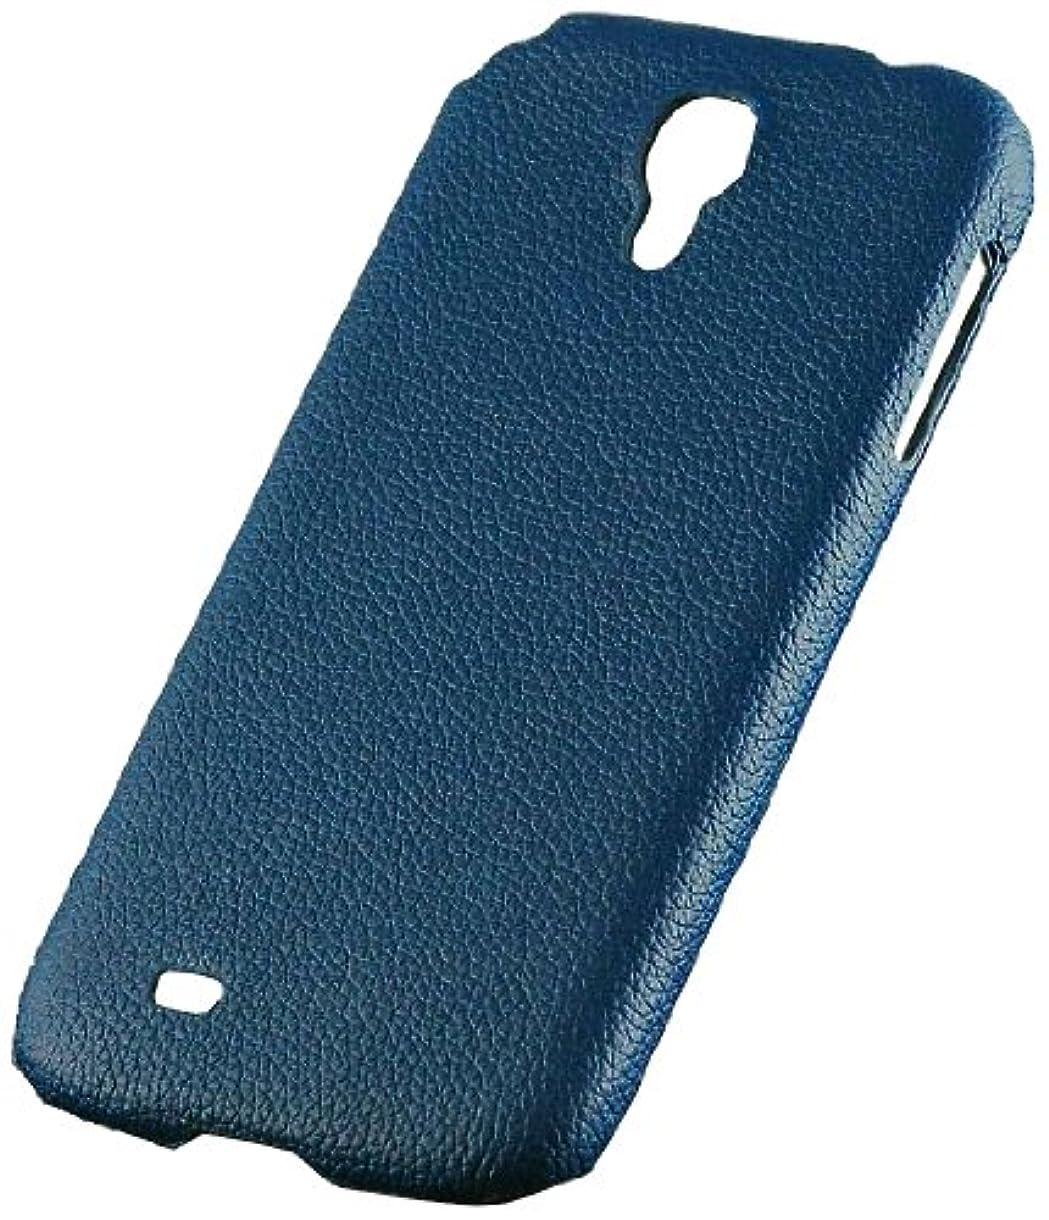 冒険者割り当てます感じレメックス?ジャパン Leather Case for GALAXY S4 (SC-04E) 本革片面カバー ネイビー Rg4-L005-NB